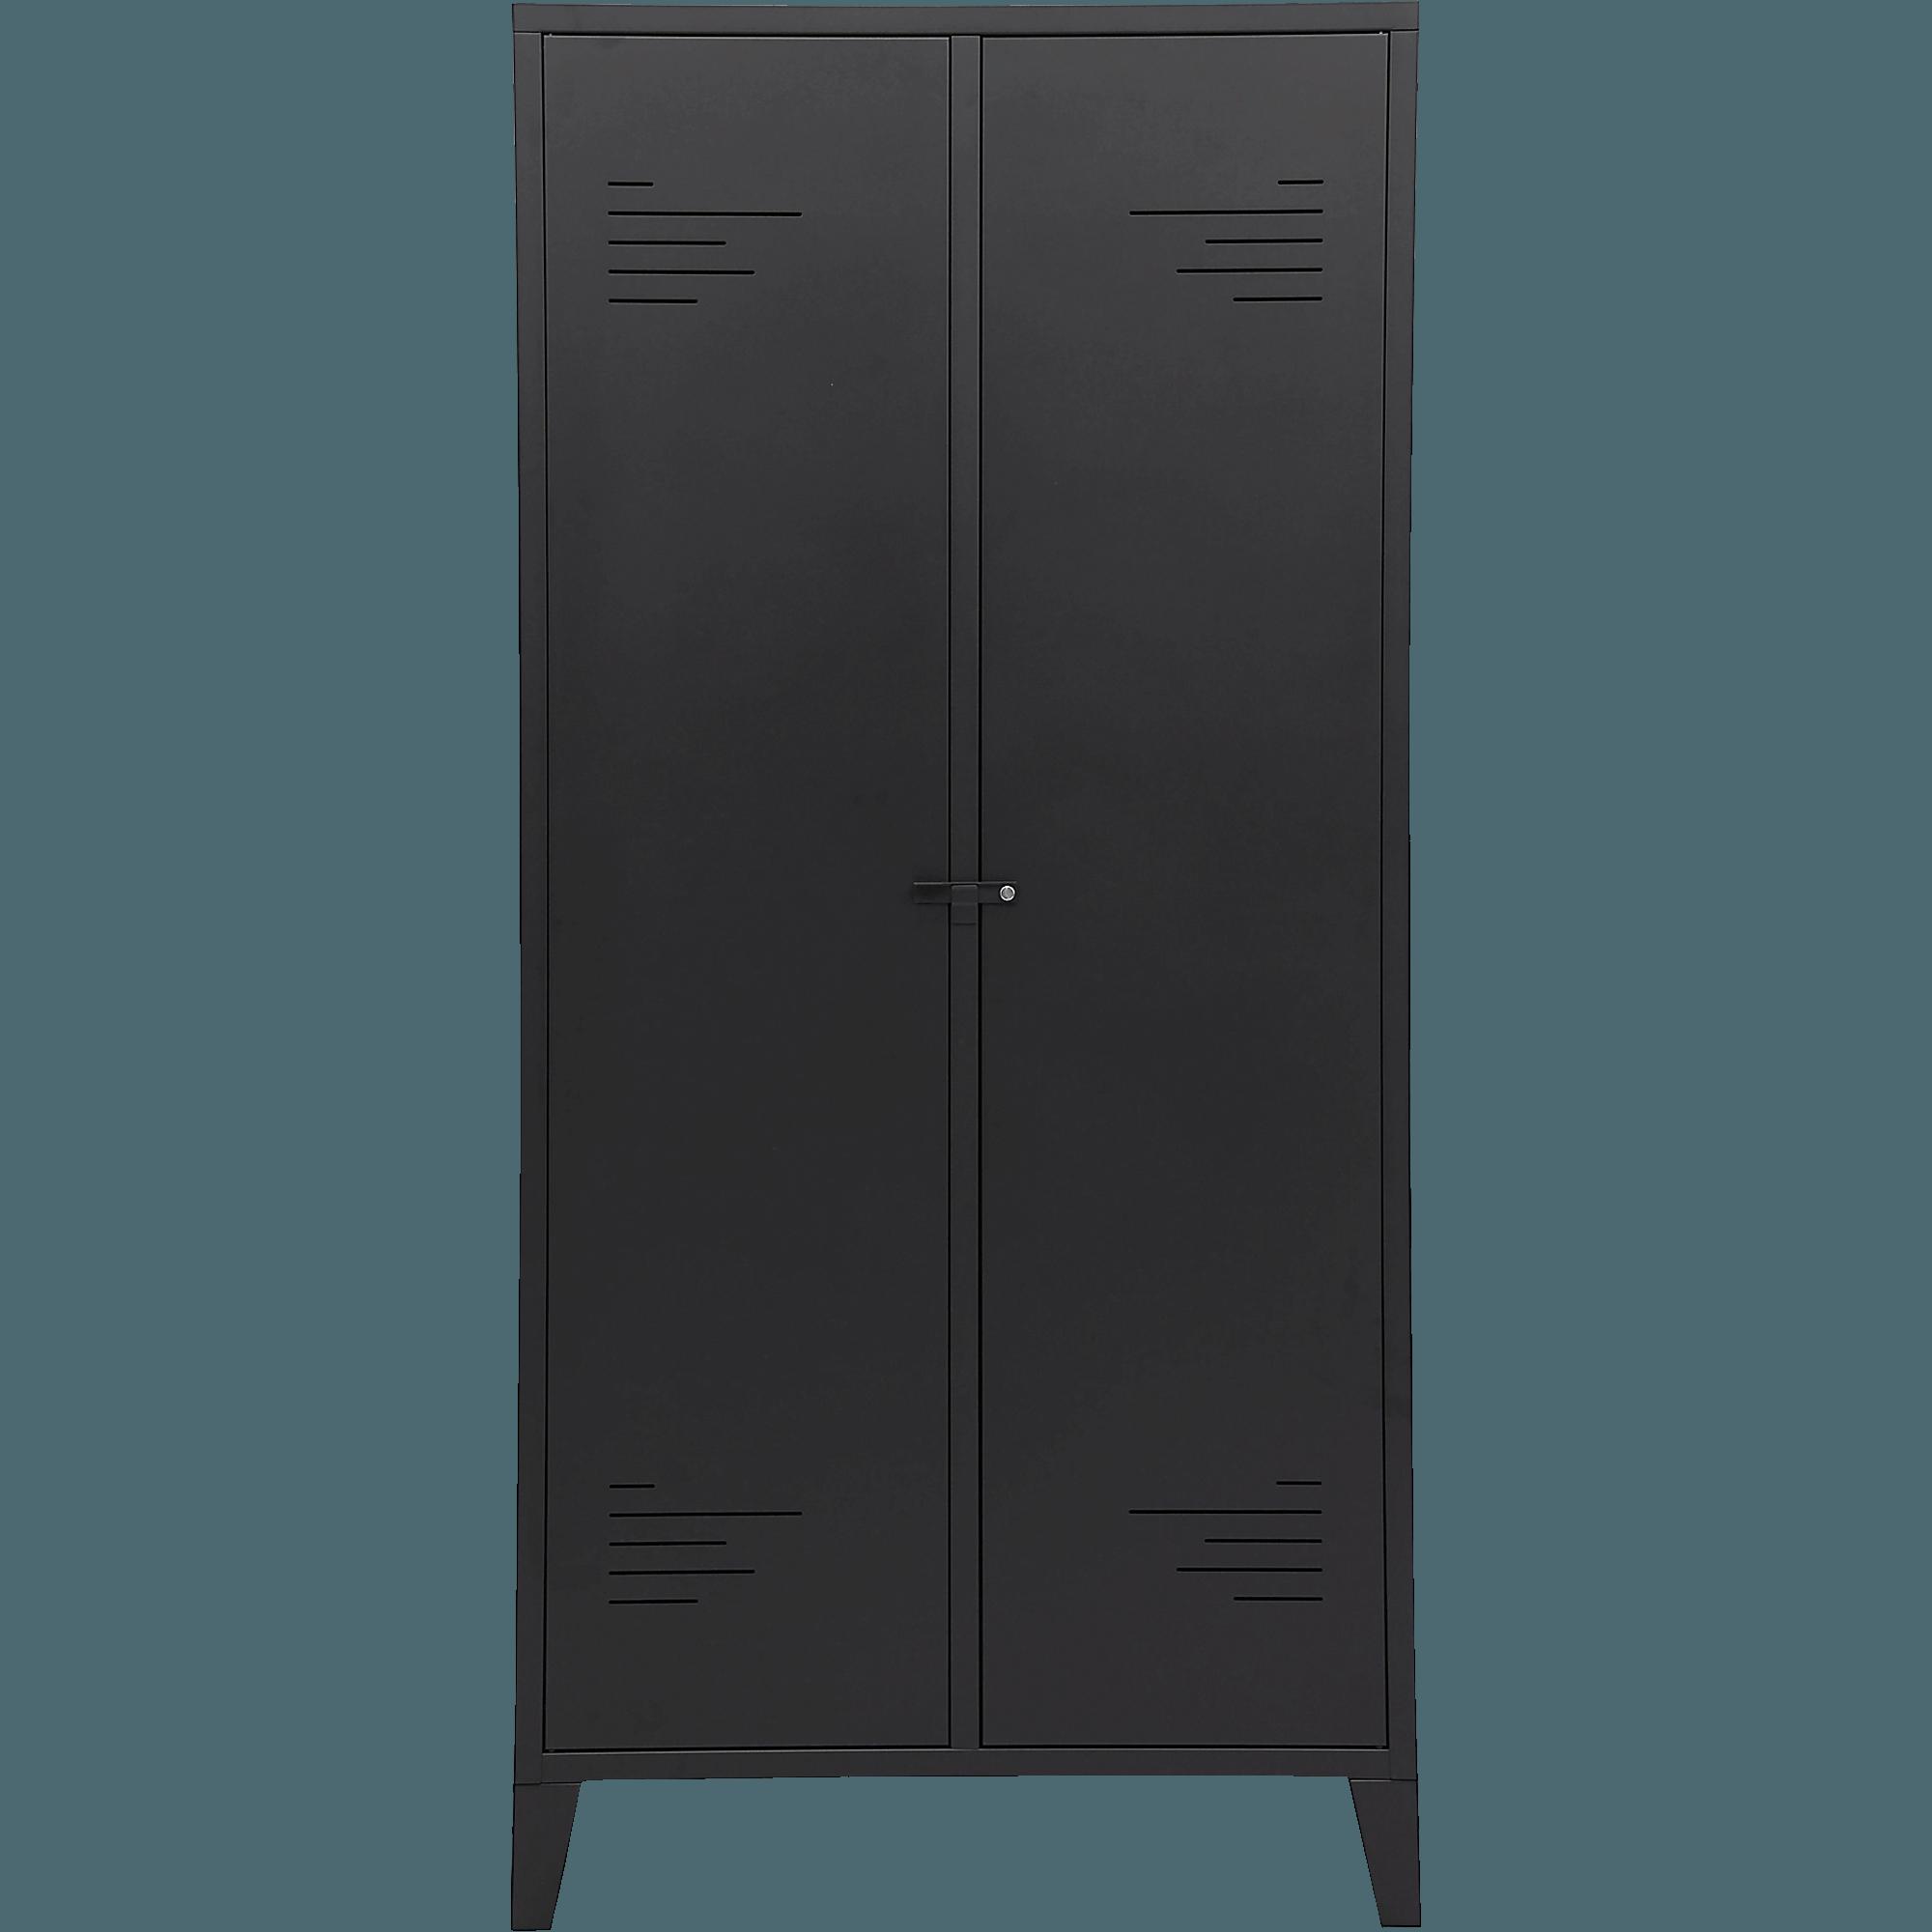 Superieur Armoire 2 Portes En Acier Noir Mat LOFTER